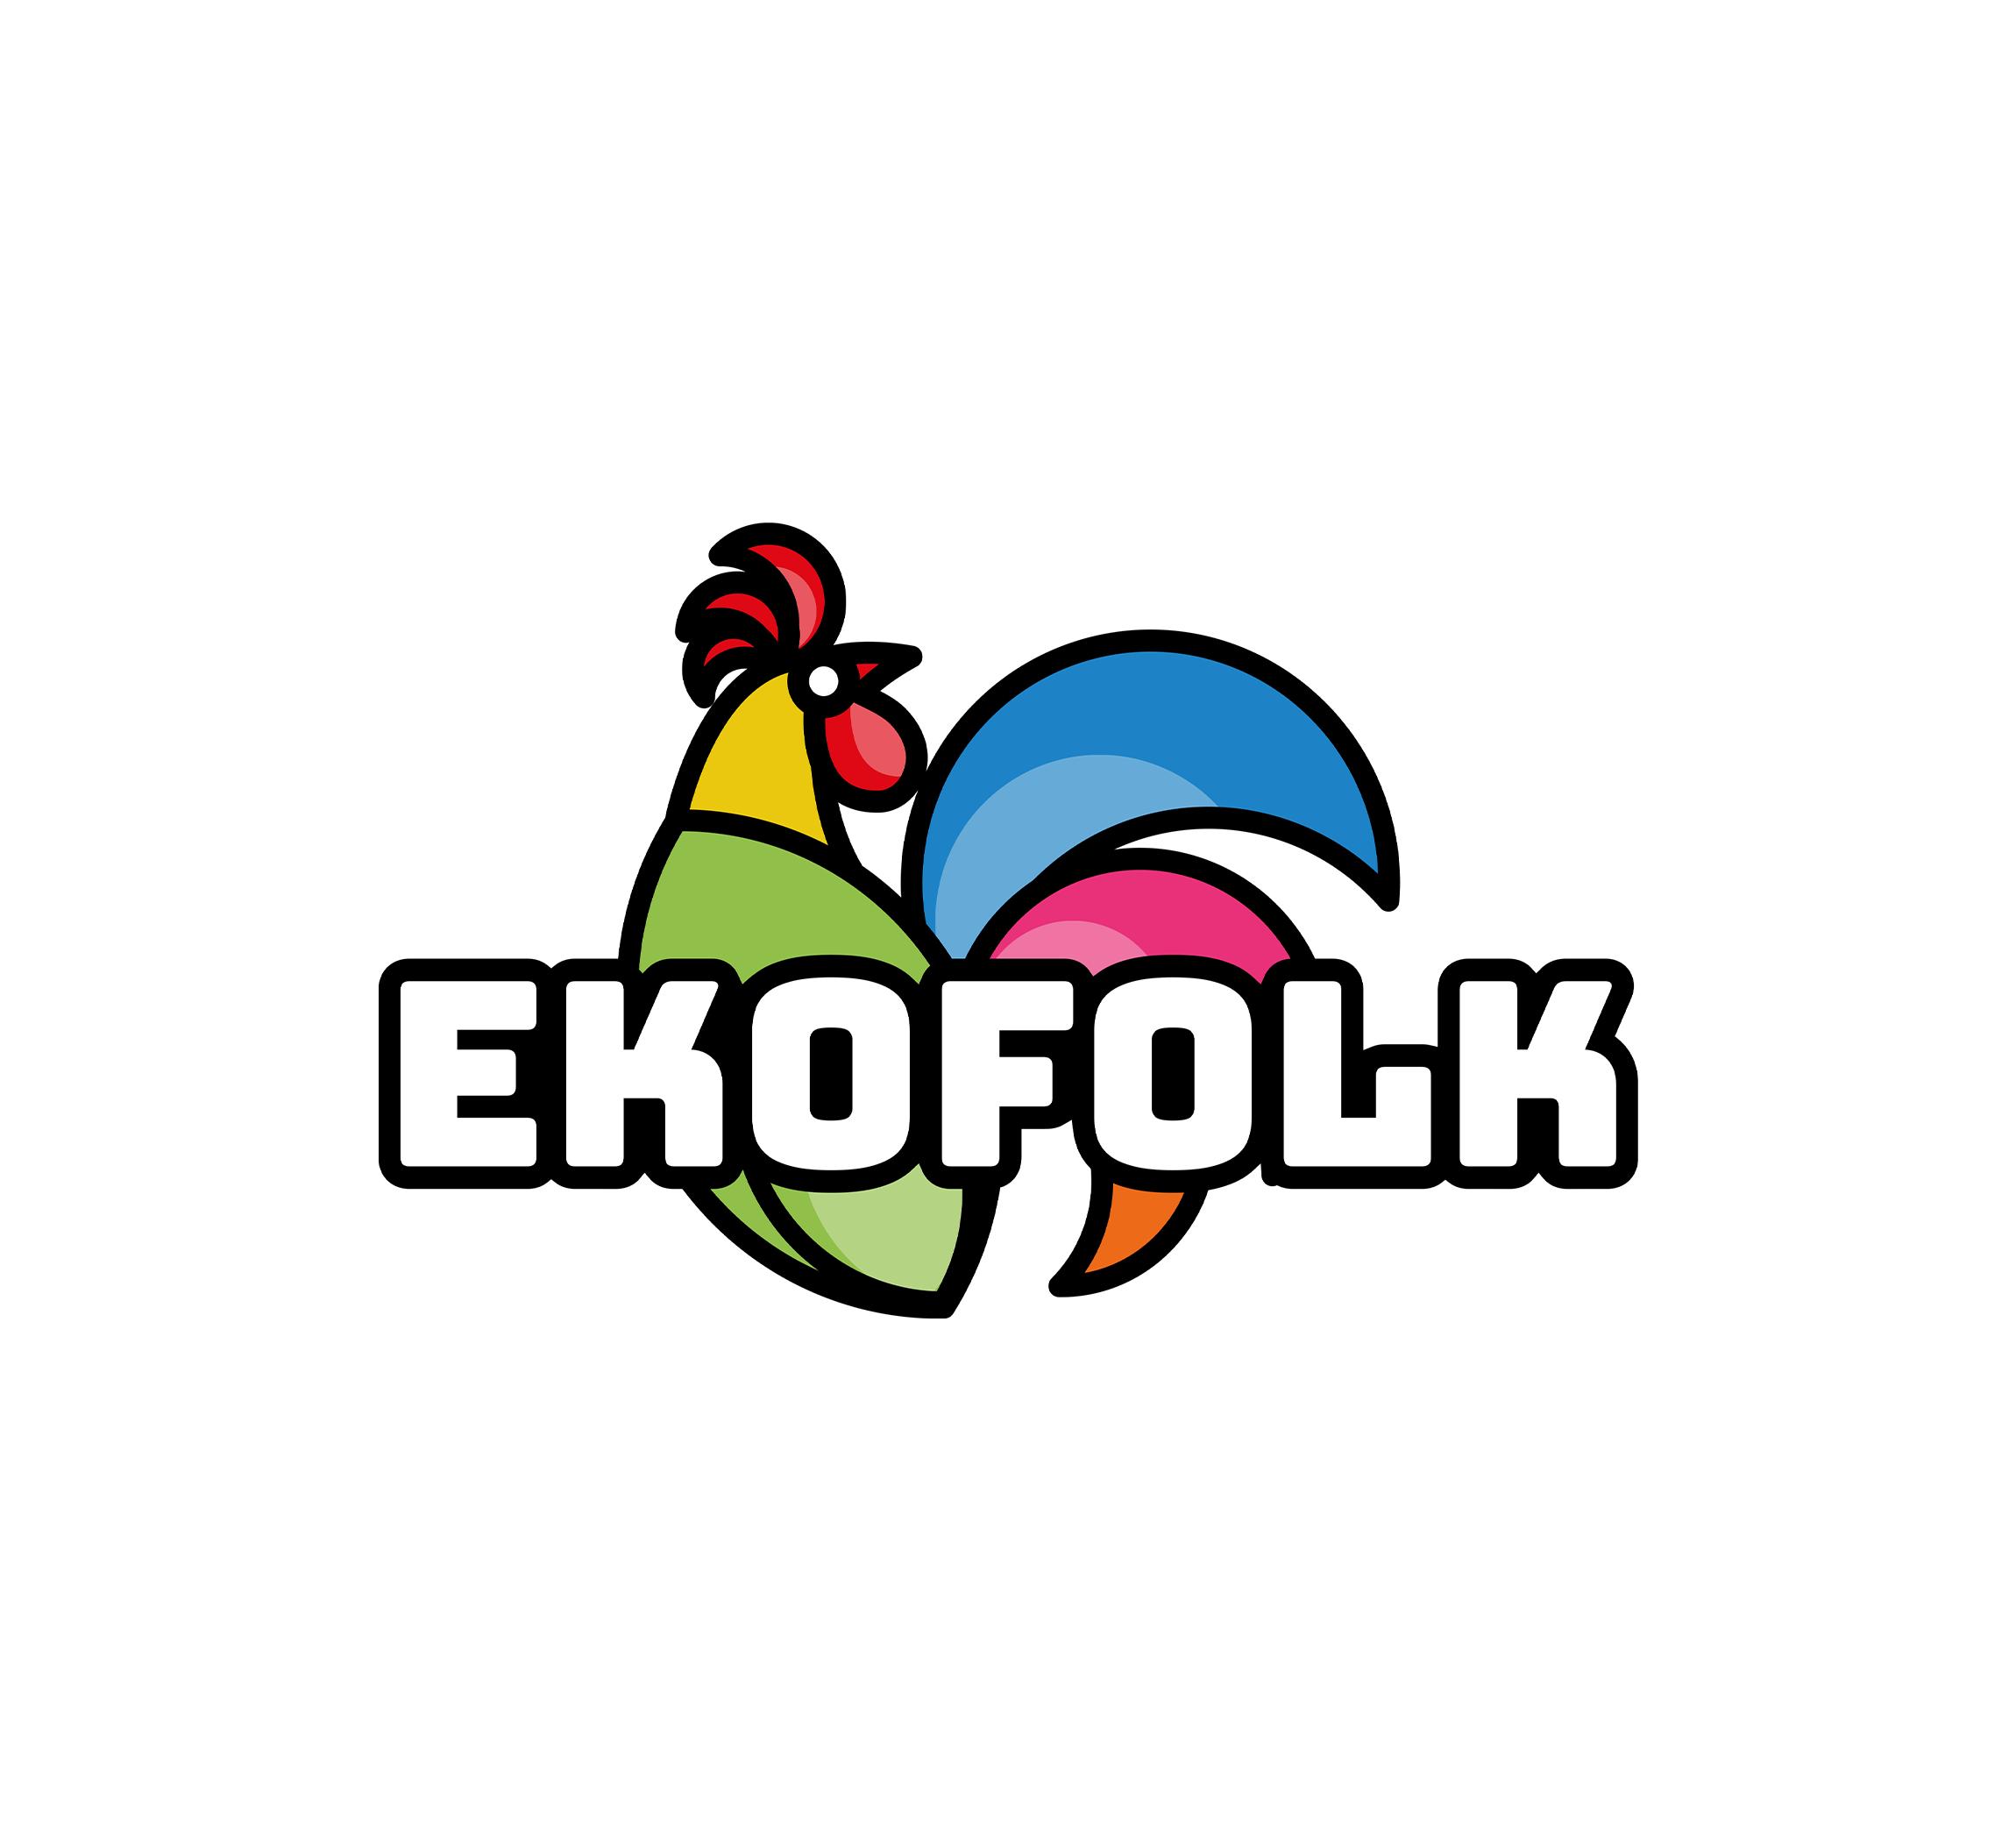 EKOFOLK, wyroby drewniane i odzież góralska — sygnet, logotyp